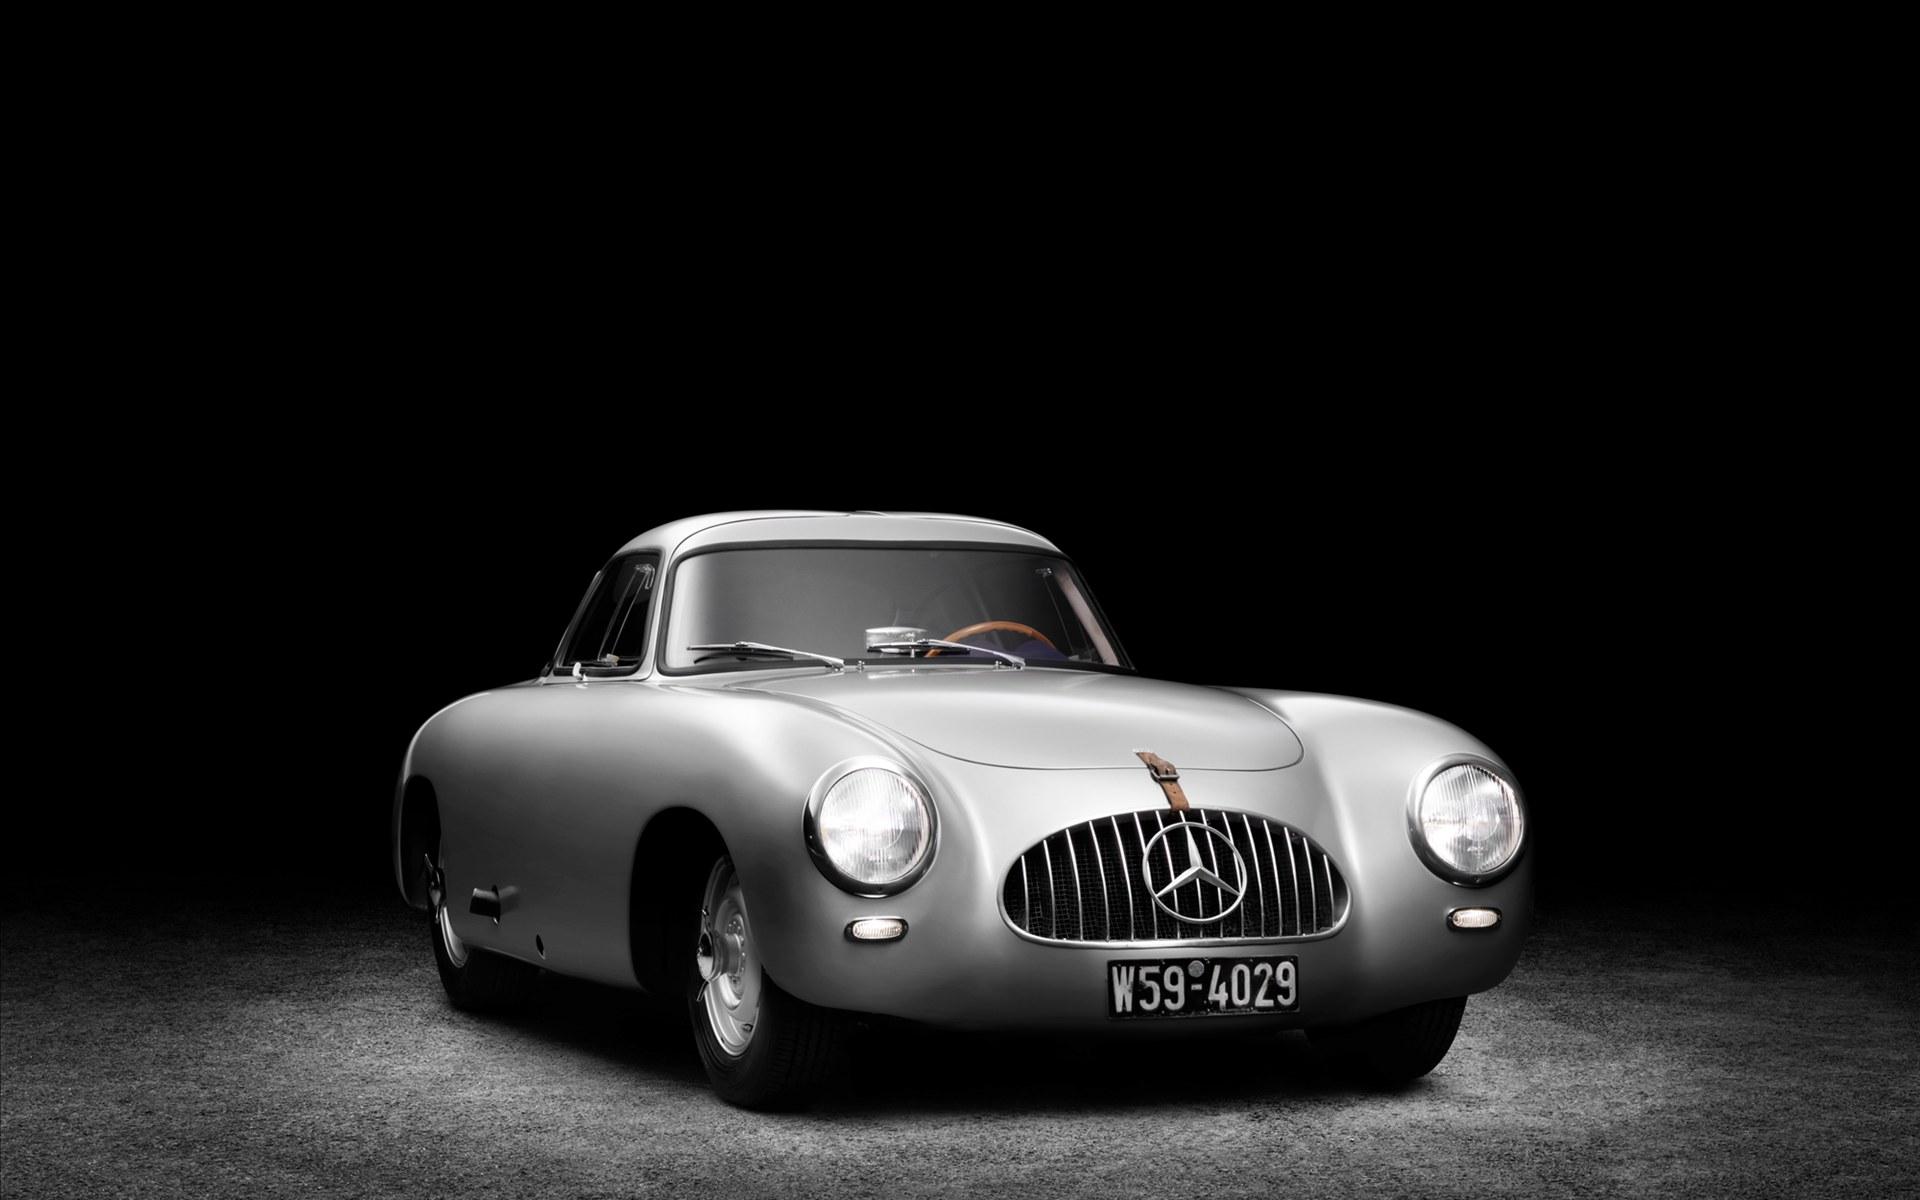 Mercedes Benz 300 SL 1952 Wallpaper | HD Car Wallpapers ...